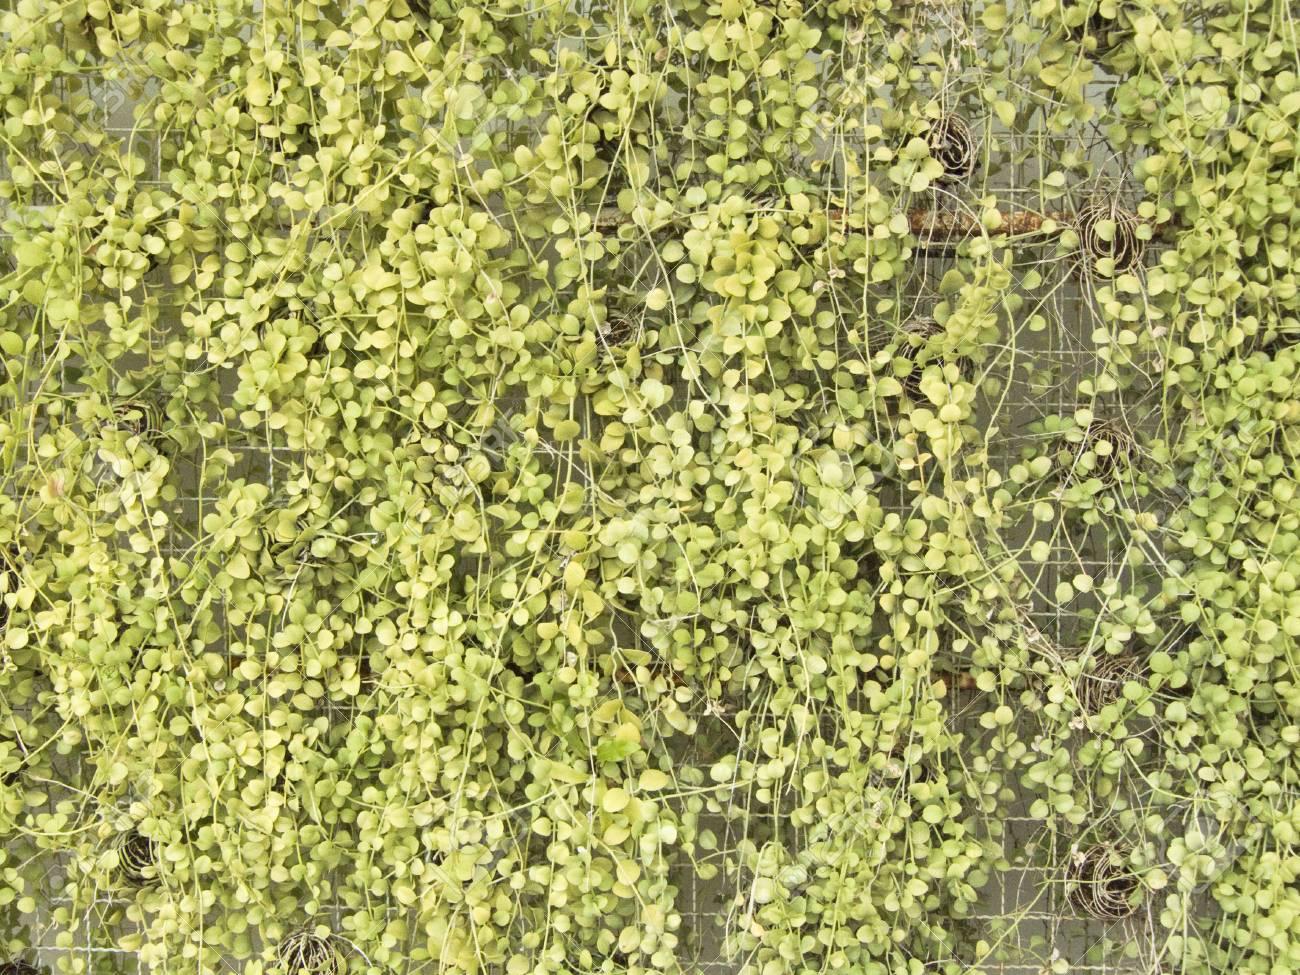 Full Size of Vertikaler Garten Servierwagen Schwimmingpool Für Loungemöbel Günstig Feuerschale Essgruppe Zeitschrift Lounge Sofa Wasserbrunnen Stapelstuhl Holzhaus Garten Vertikaler Garten